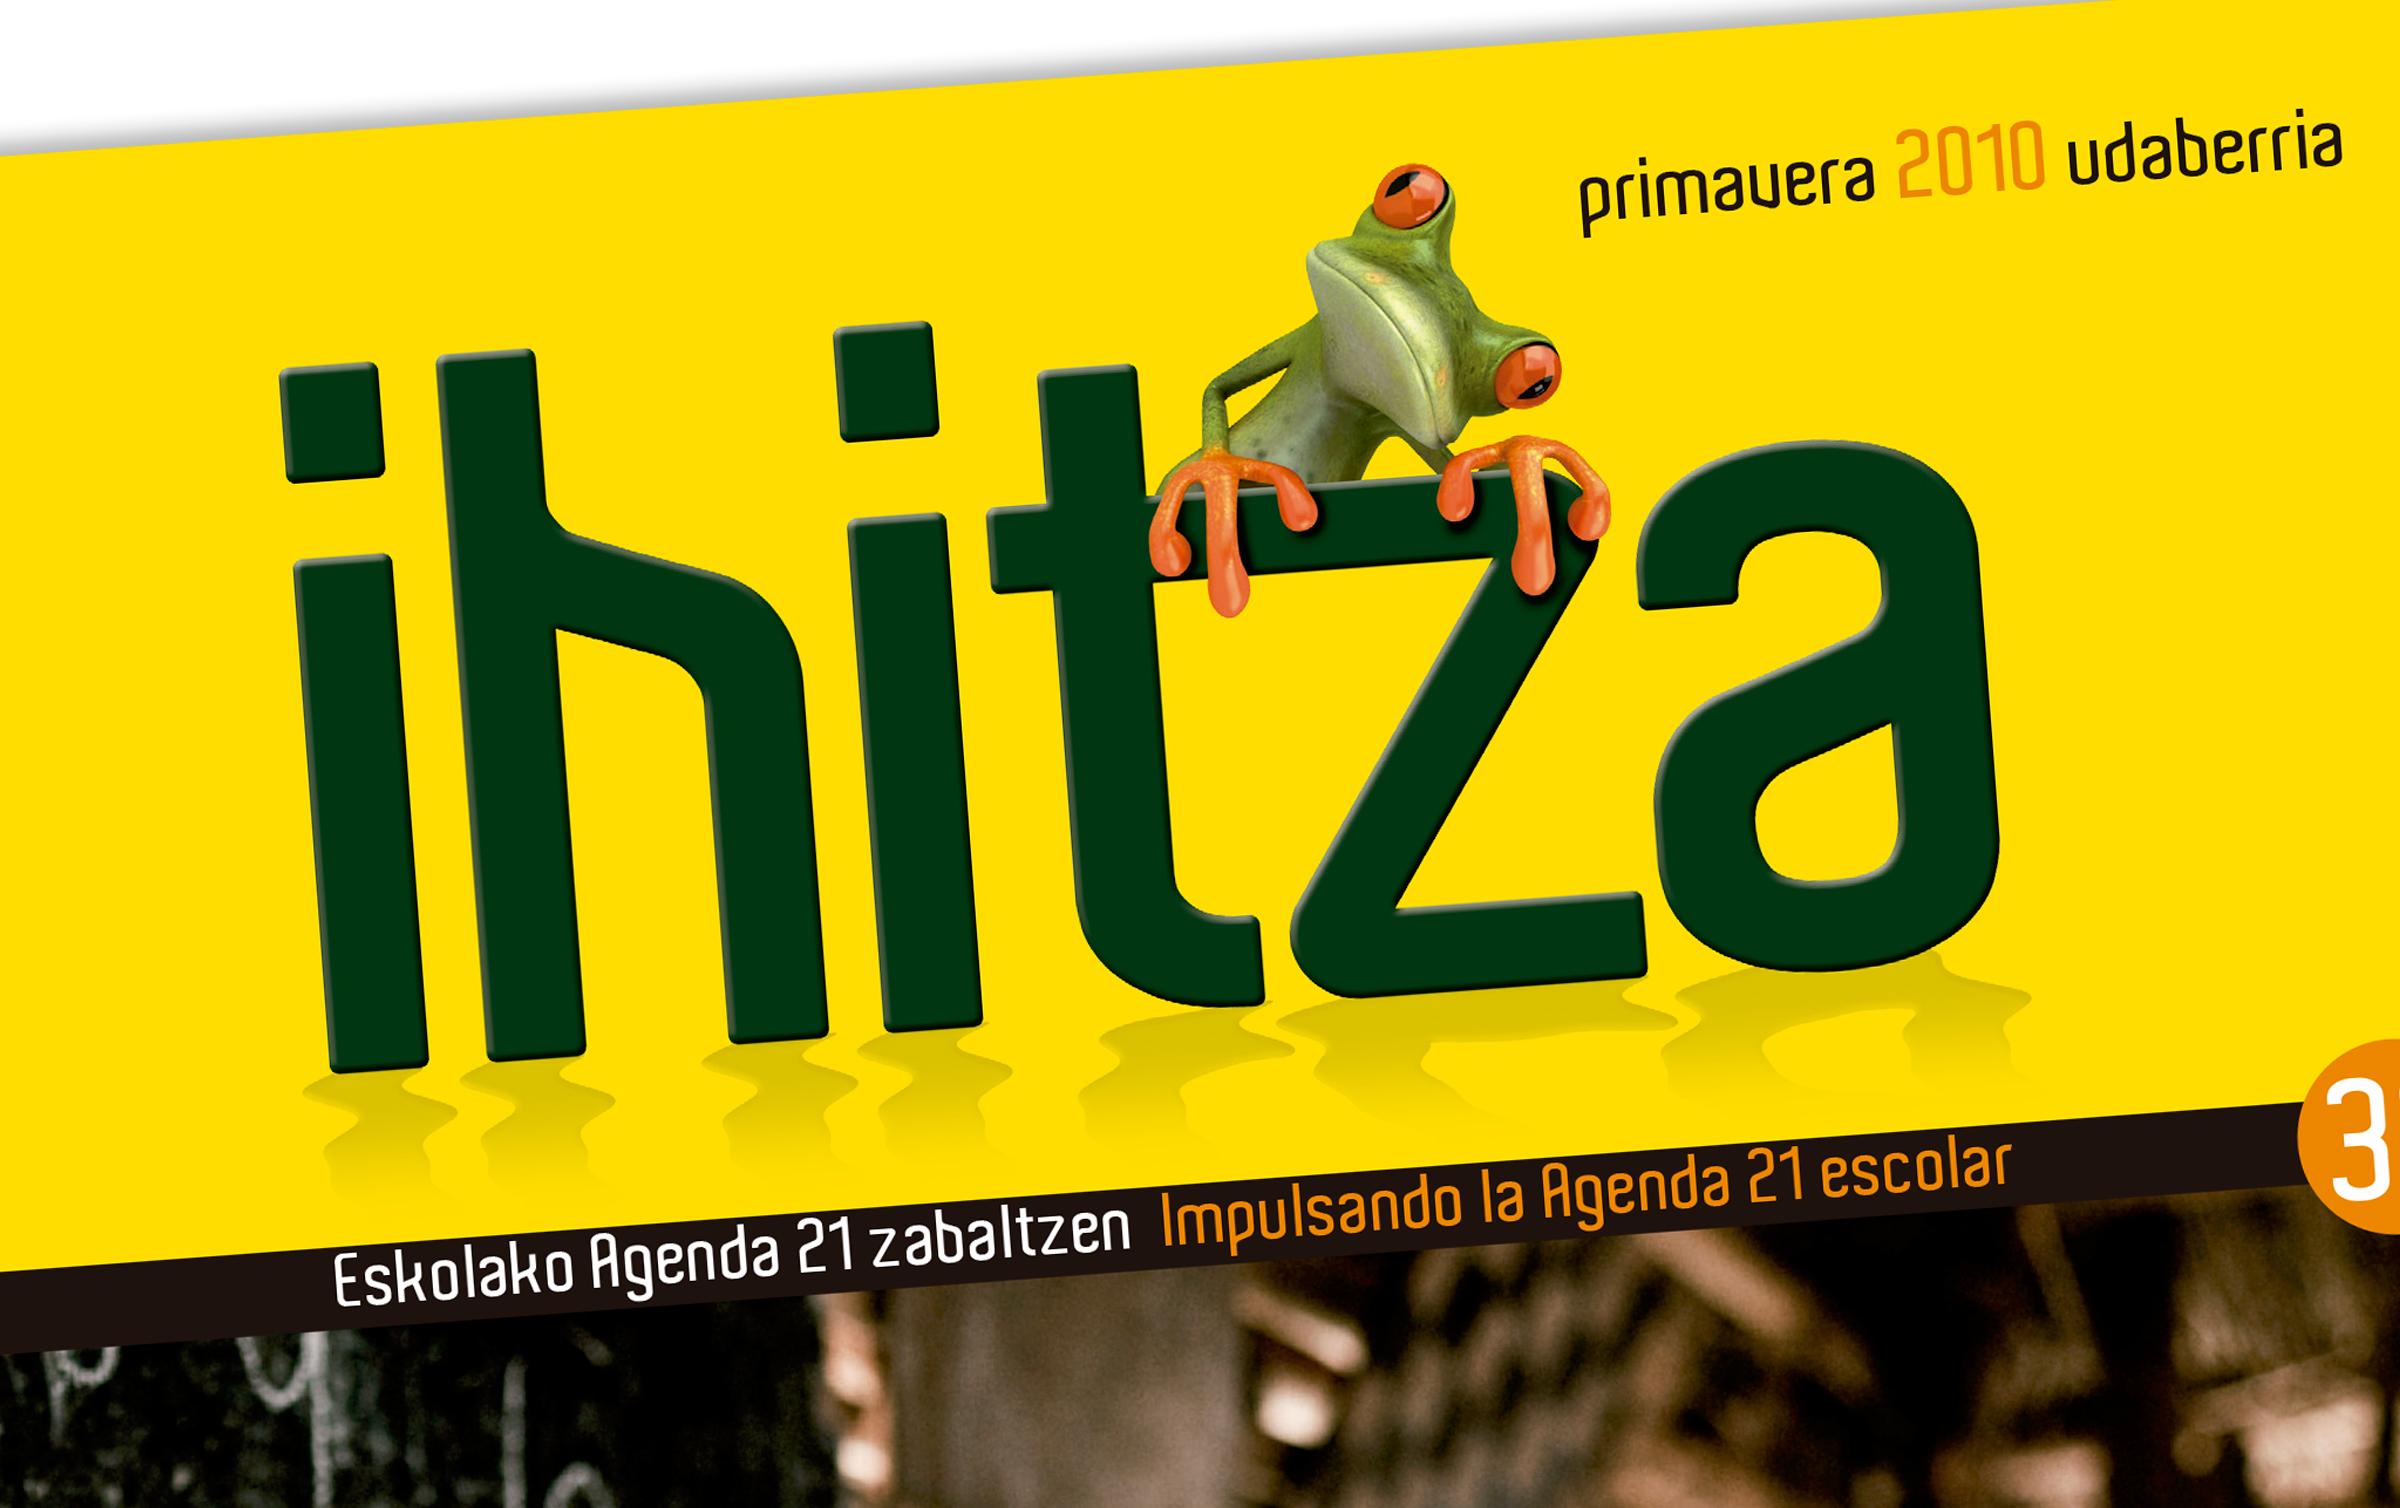 Ihitza Aldizkaria